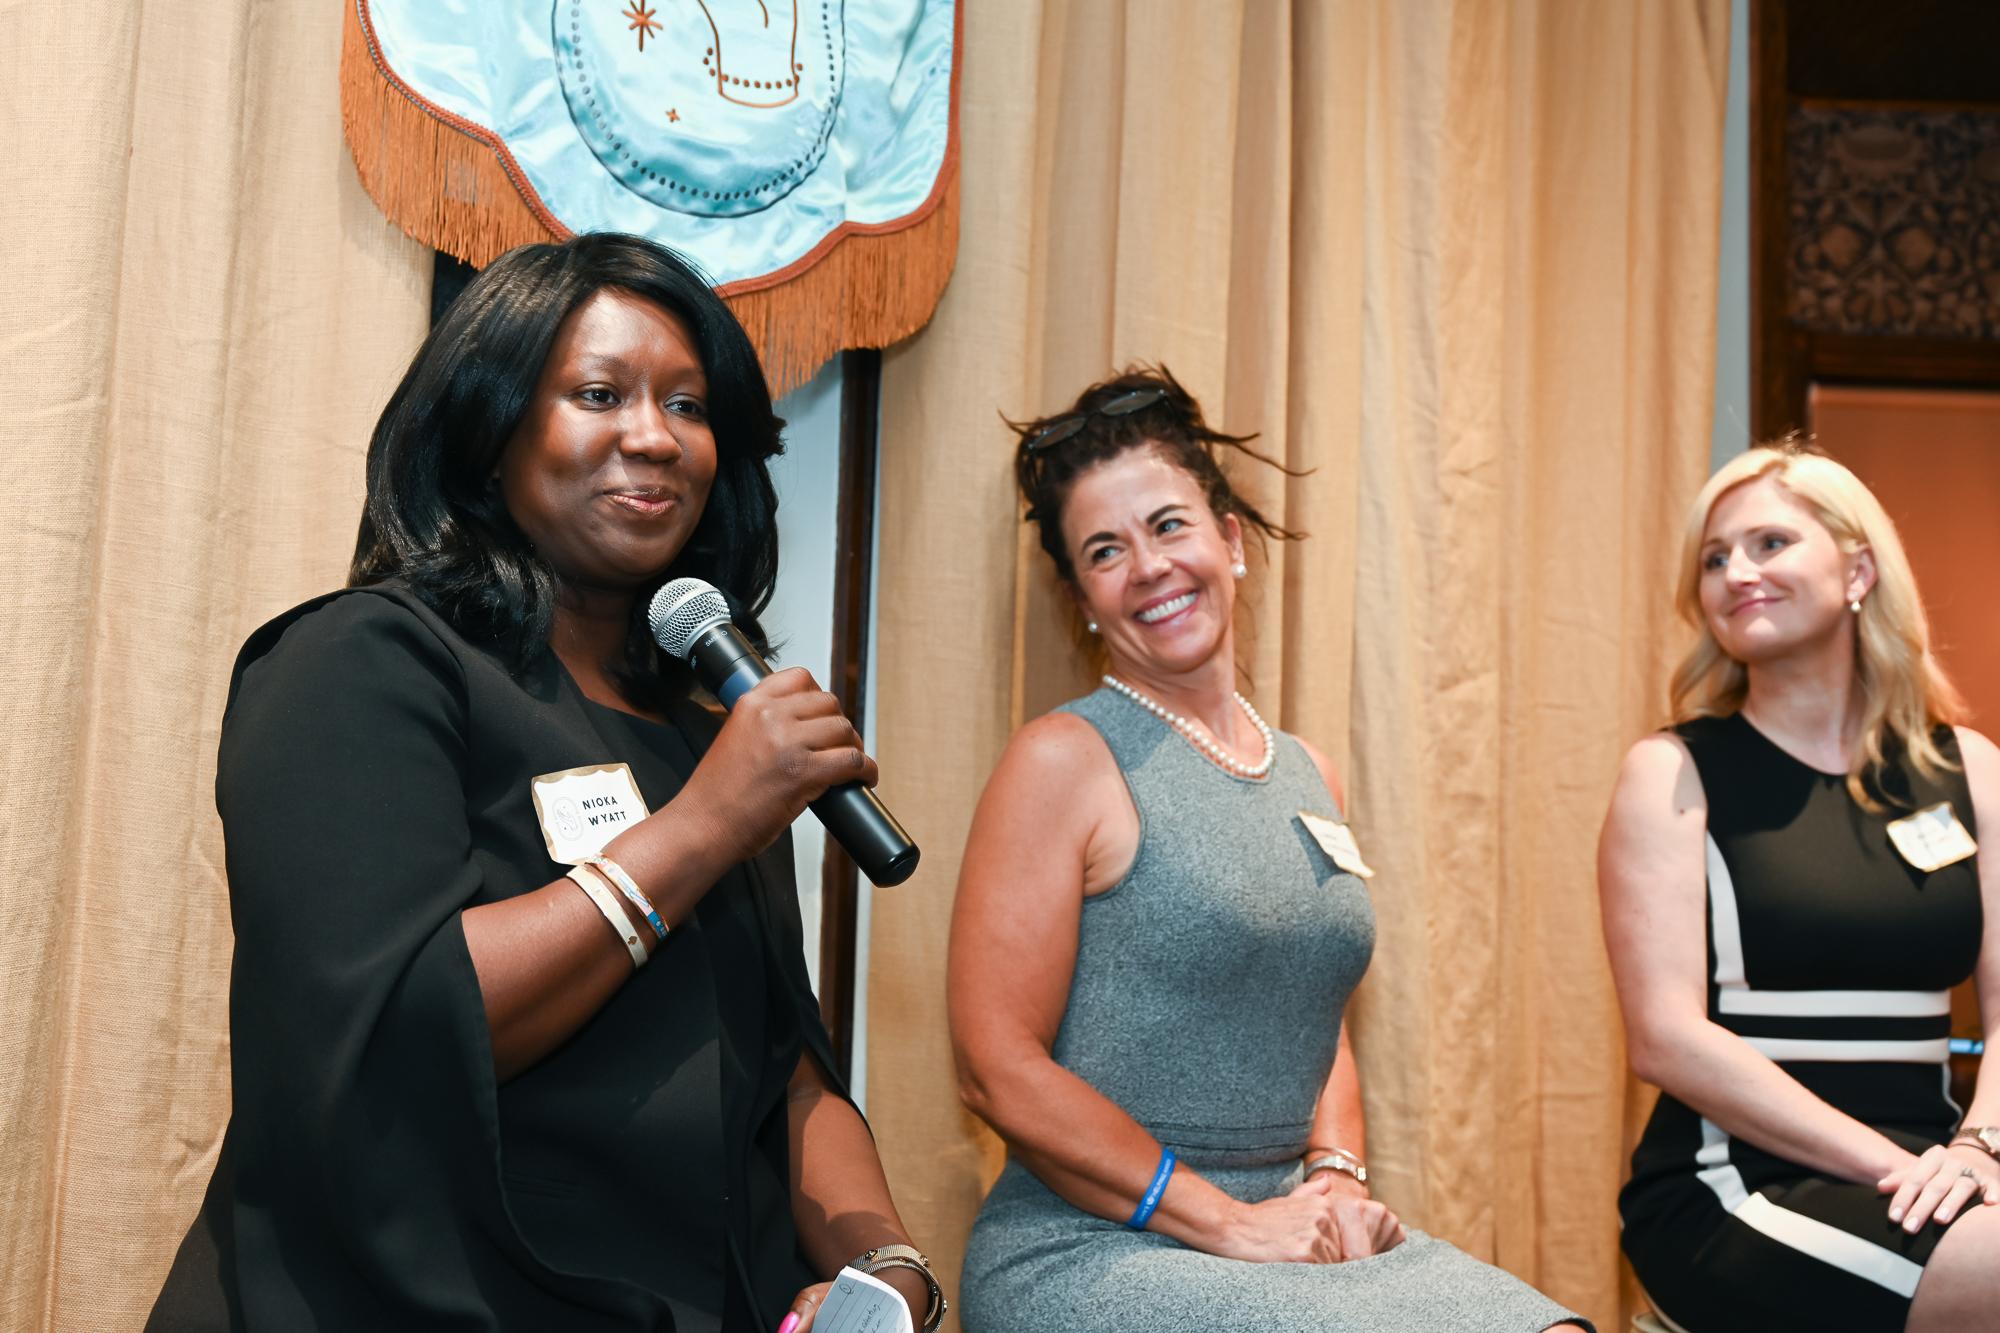 Speaking: Nioka Wyatt, Linda Schellenger, and Kelly Stillwell.